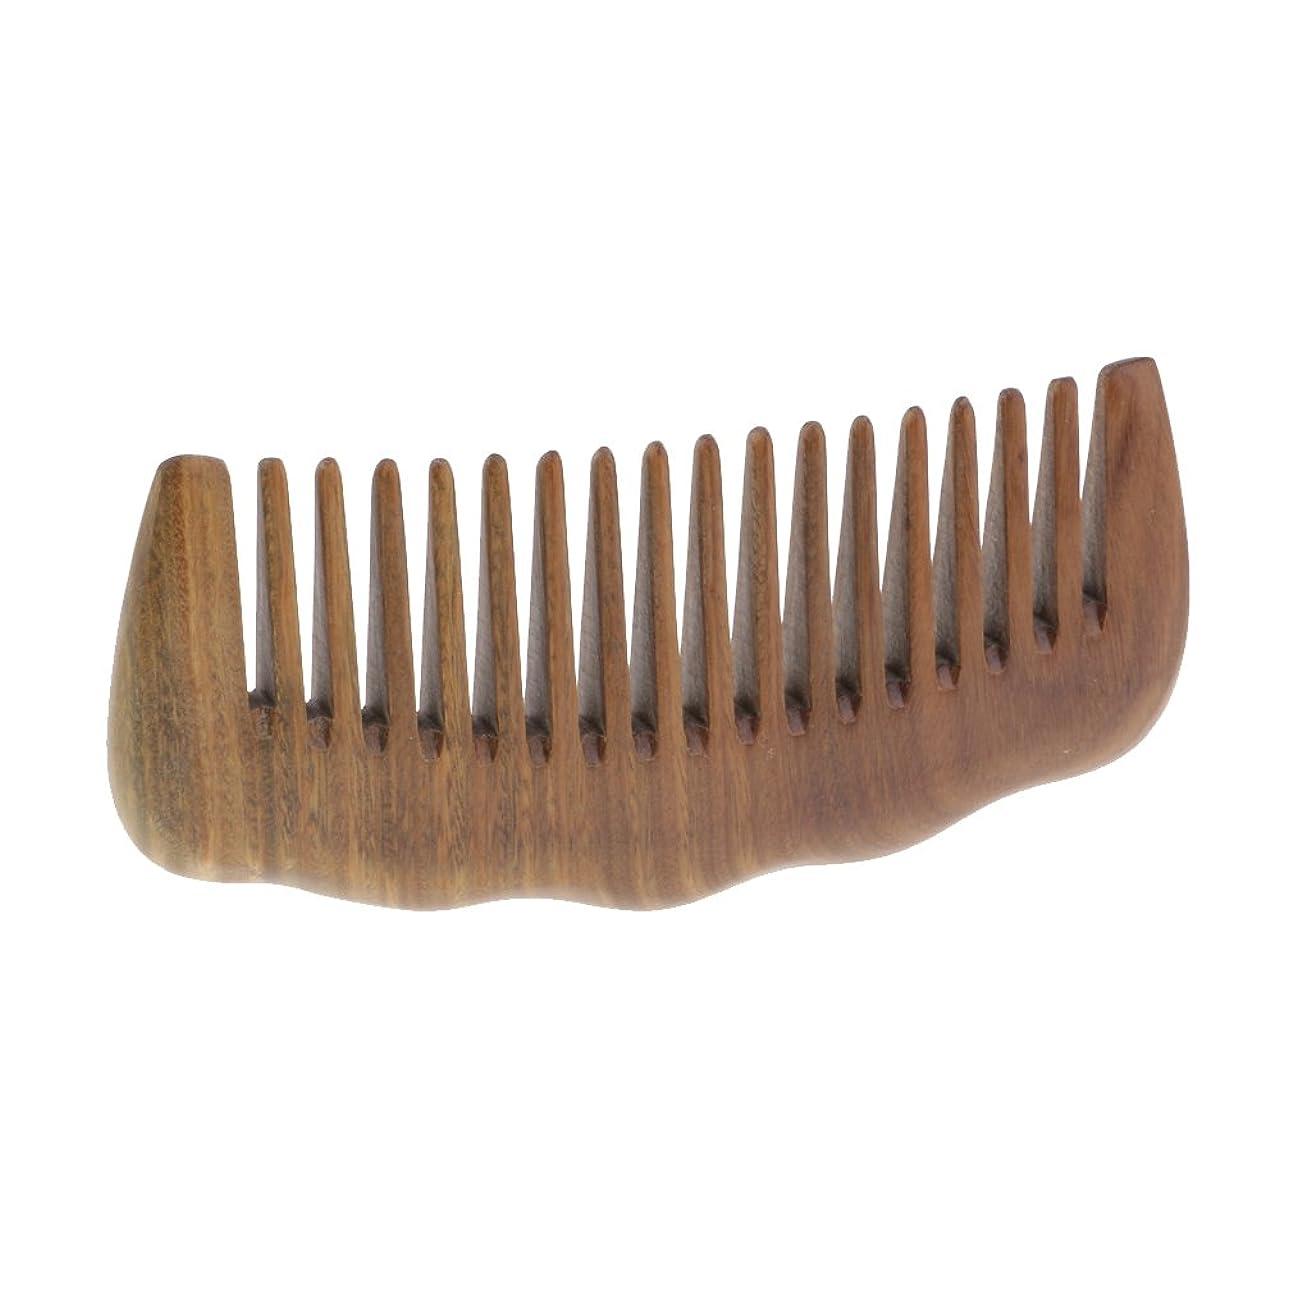 精神完全にライター広い歯の櫛のサンダルウッドのアロママッサージの毛のもつれを解くブラシのひげの櫛